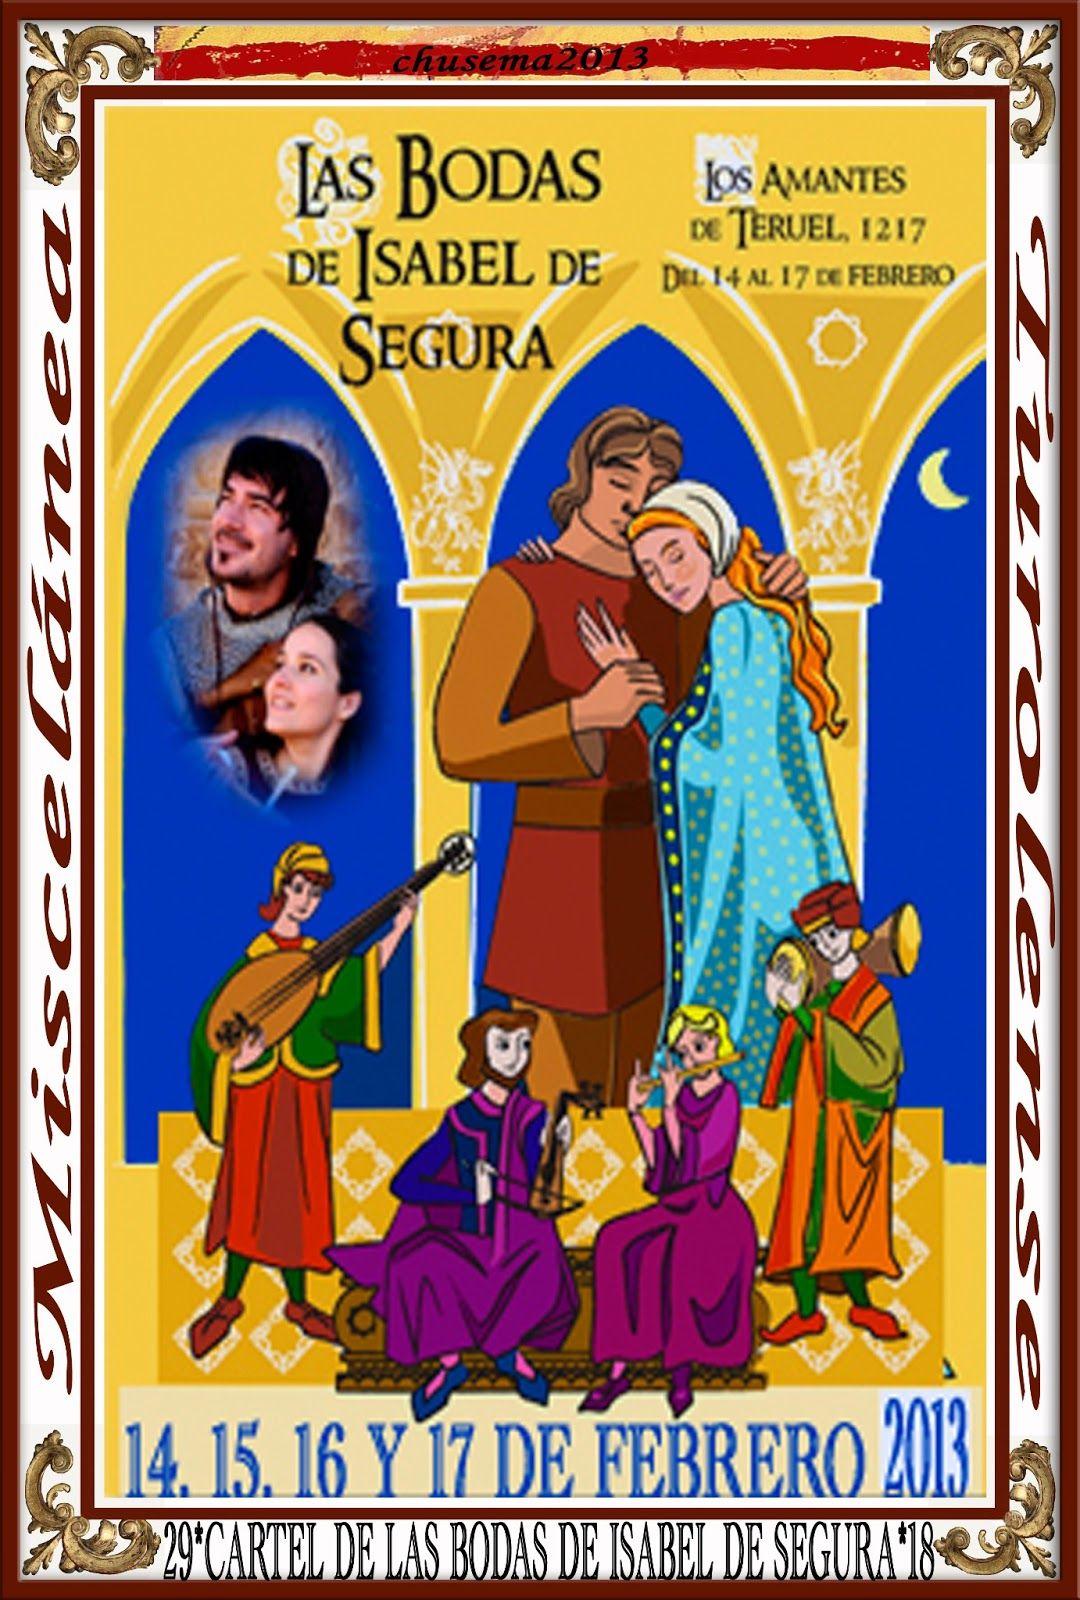 Cartel Bodas de Isabel de Segura 2013